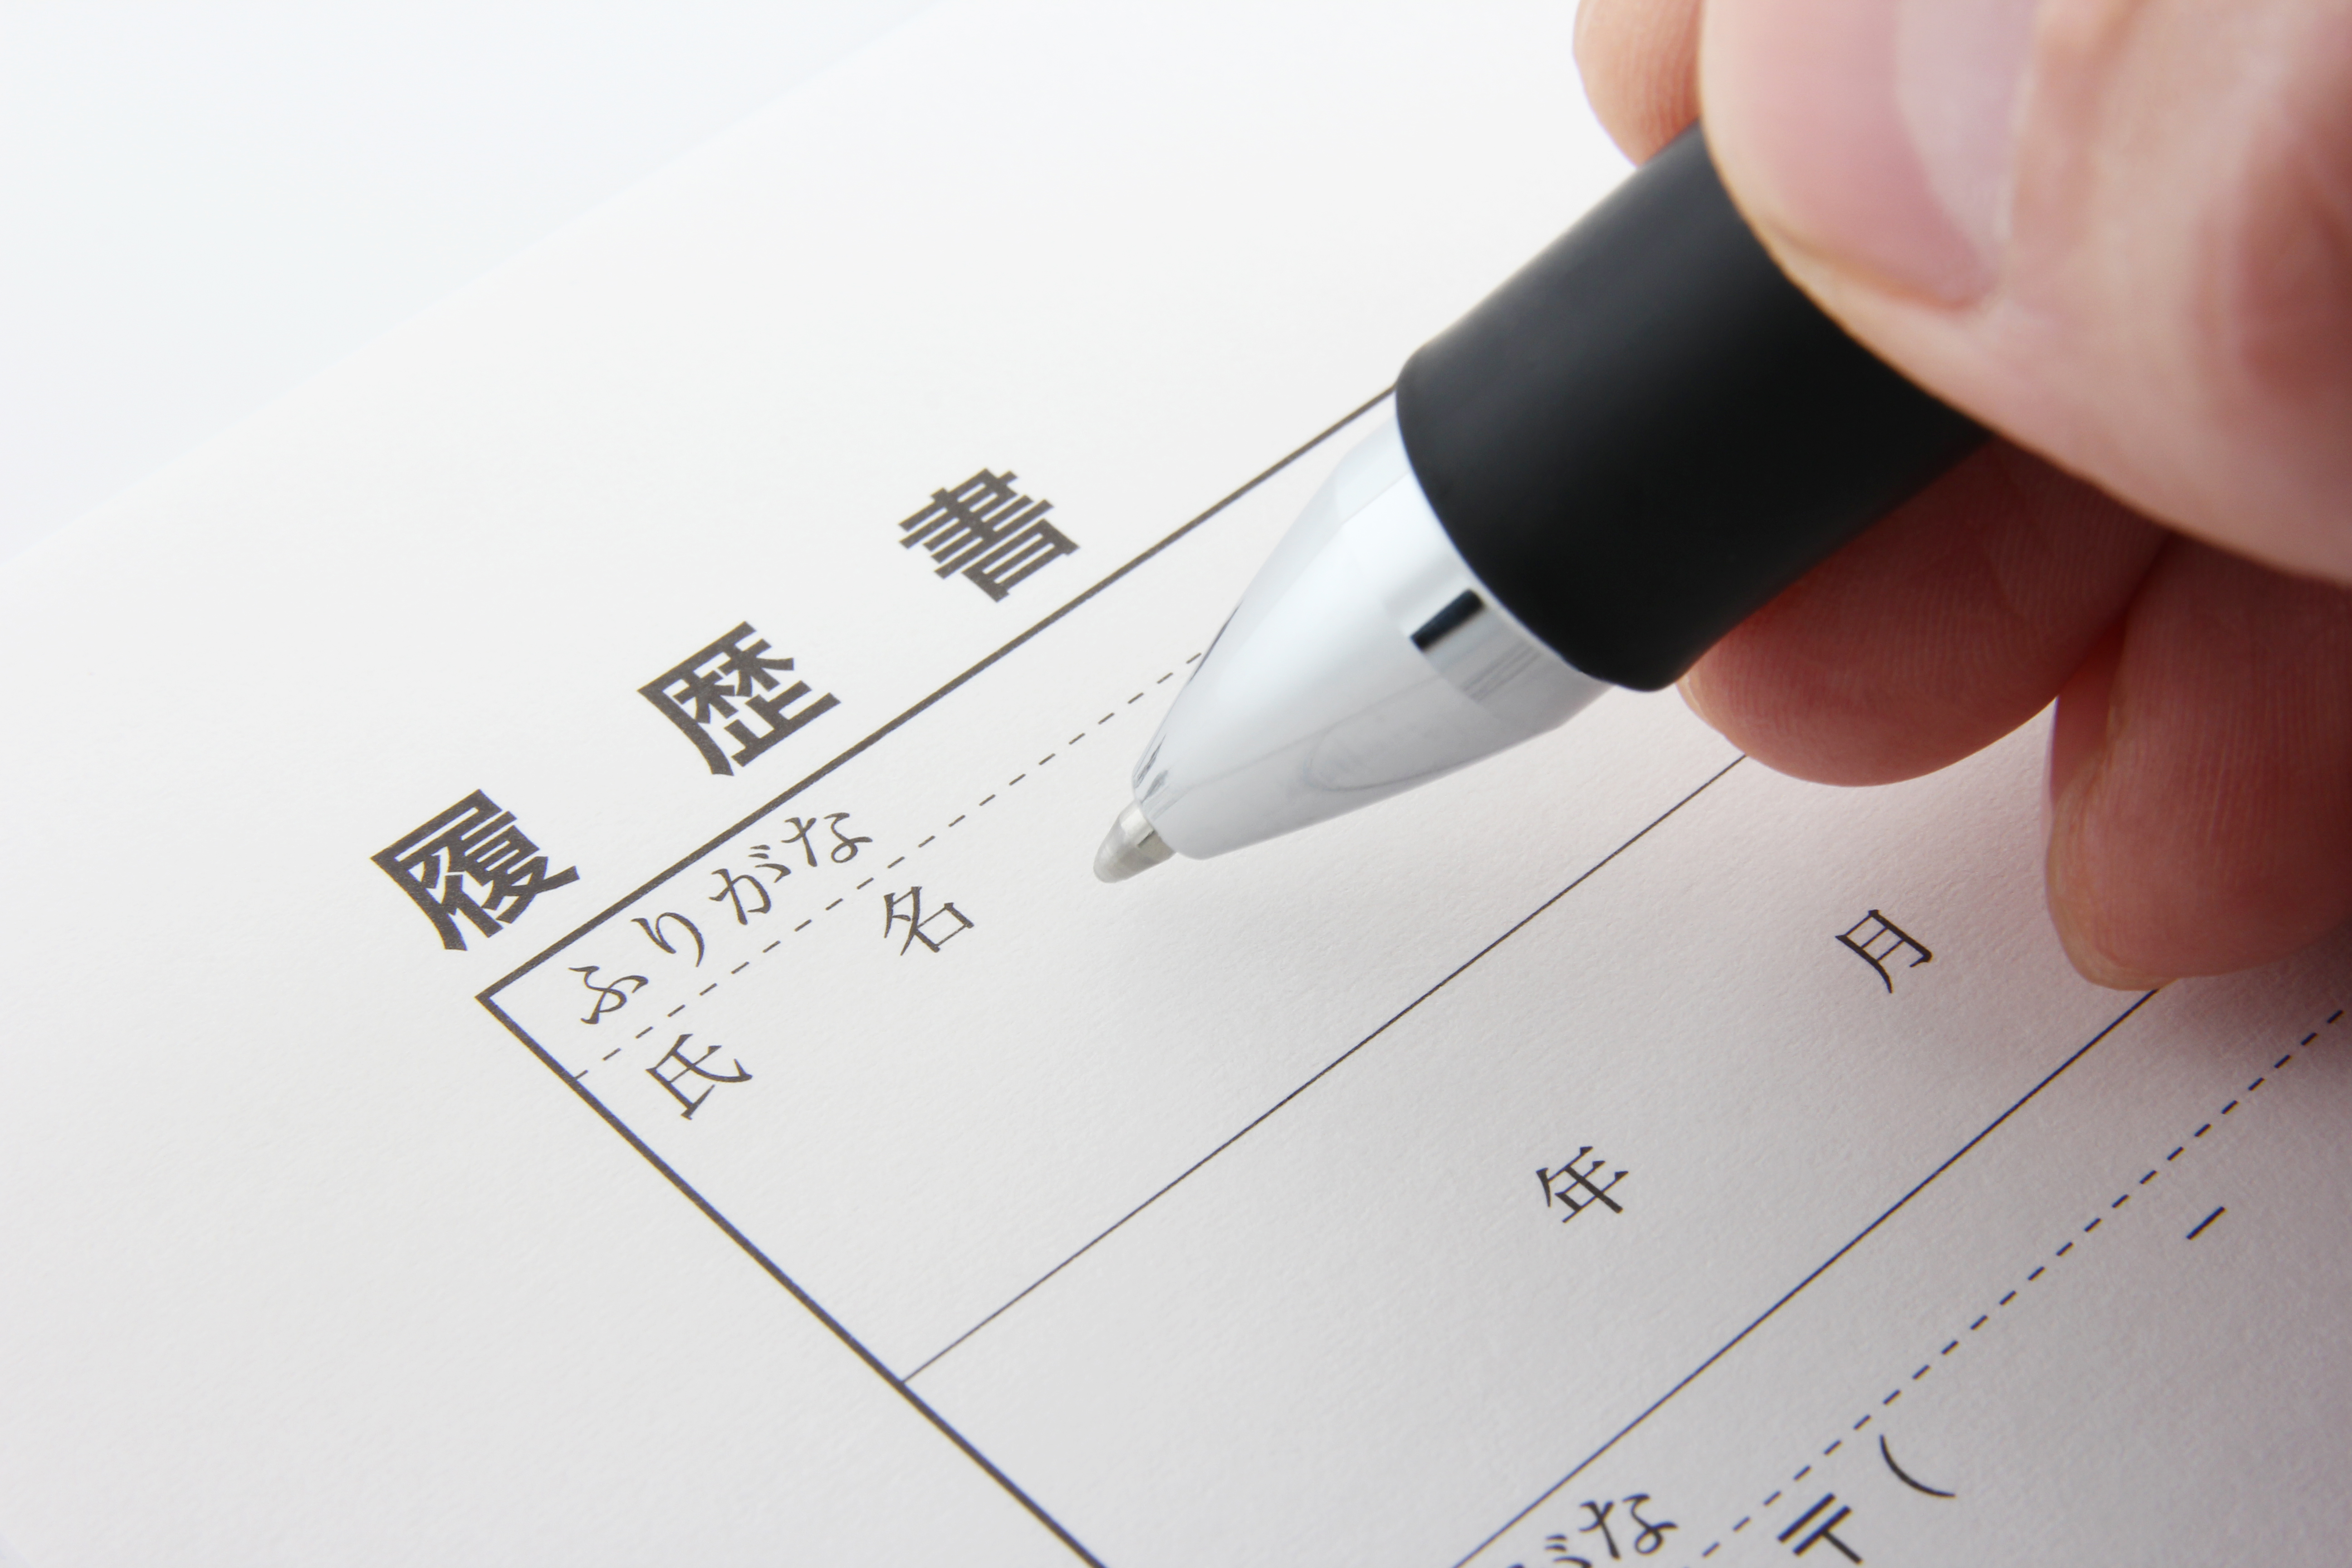 【履歴書】履歴書の学歴欄、職歴欄の正しい書き方